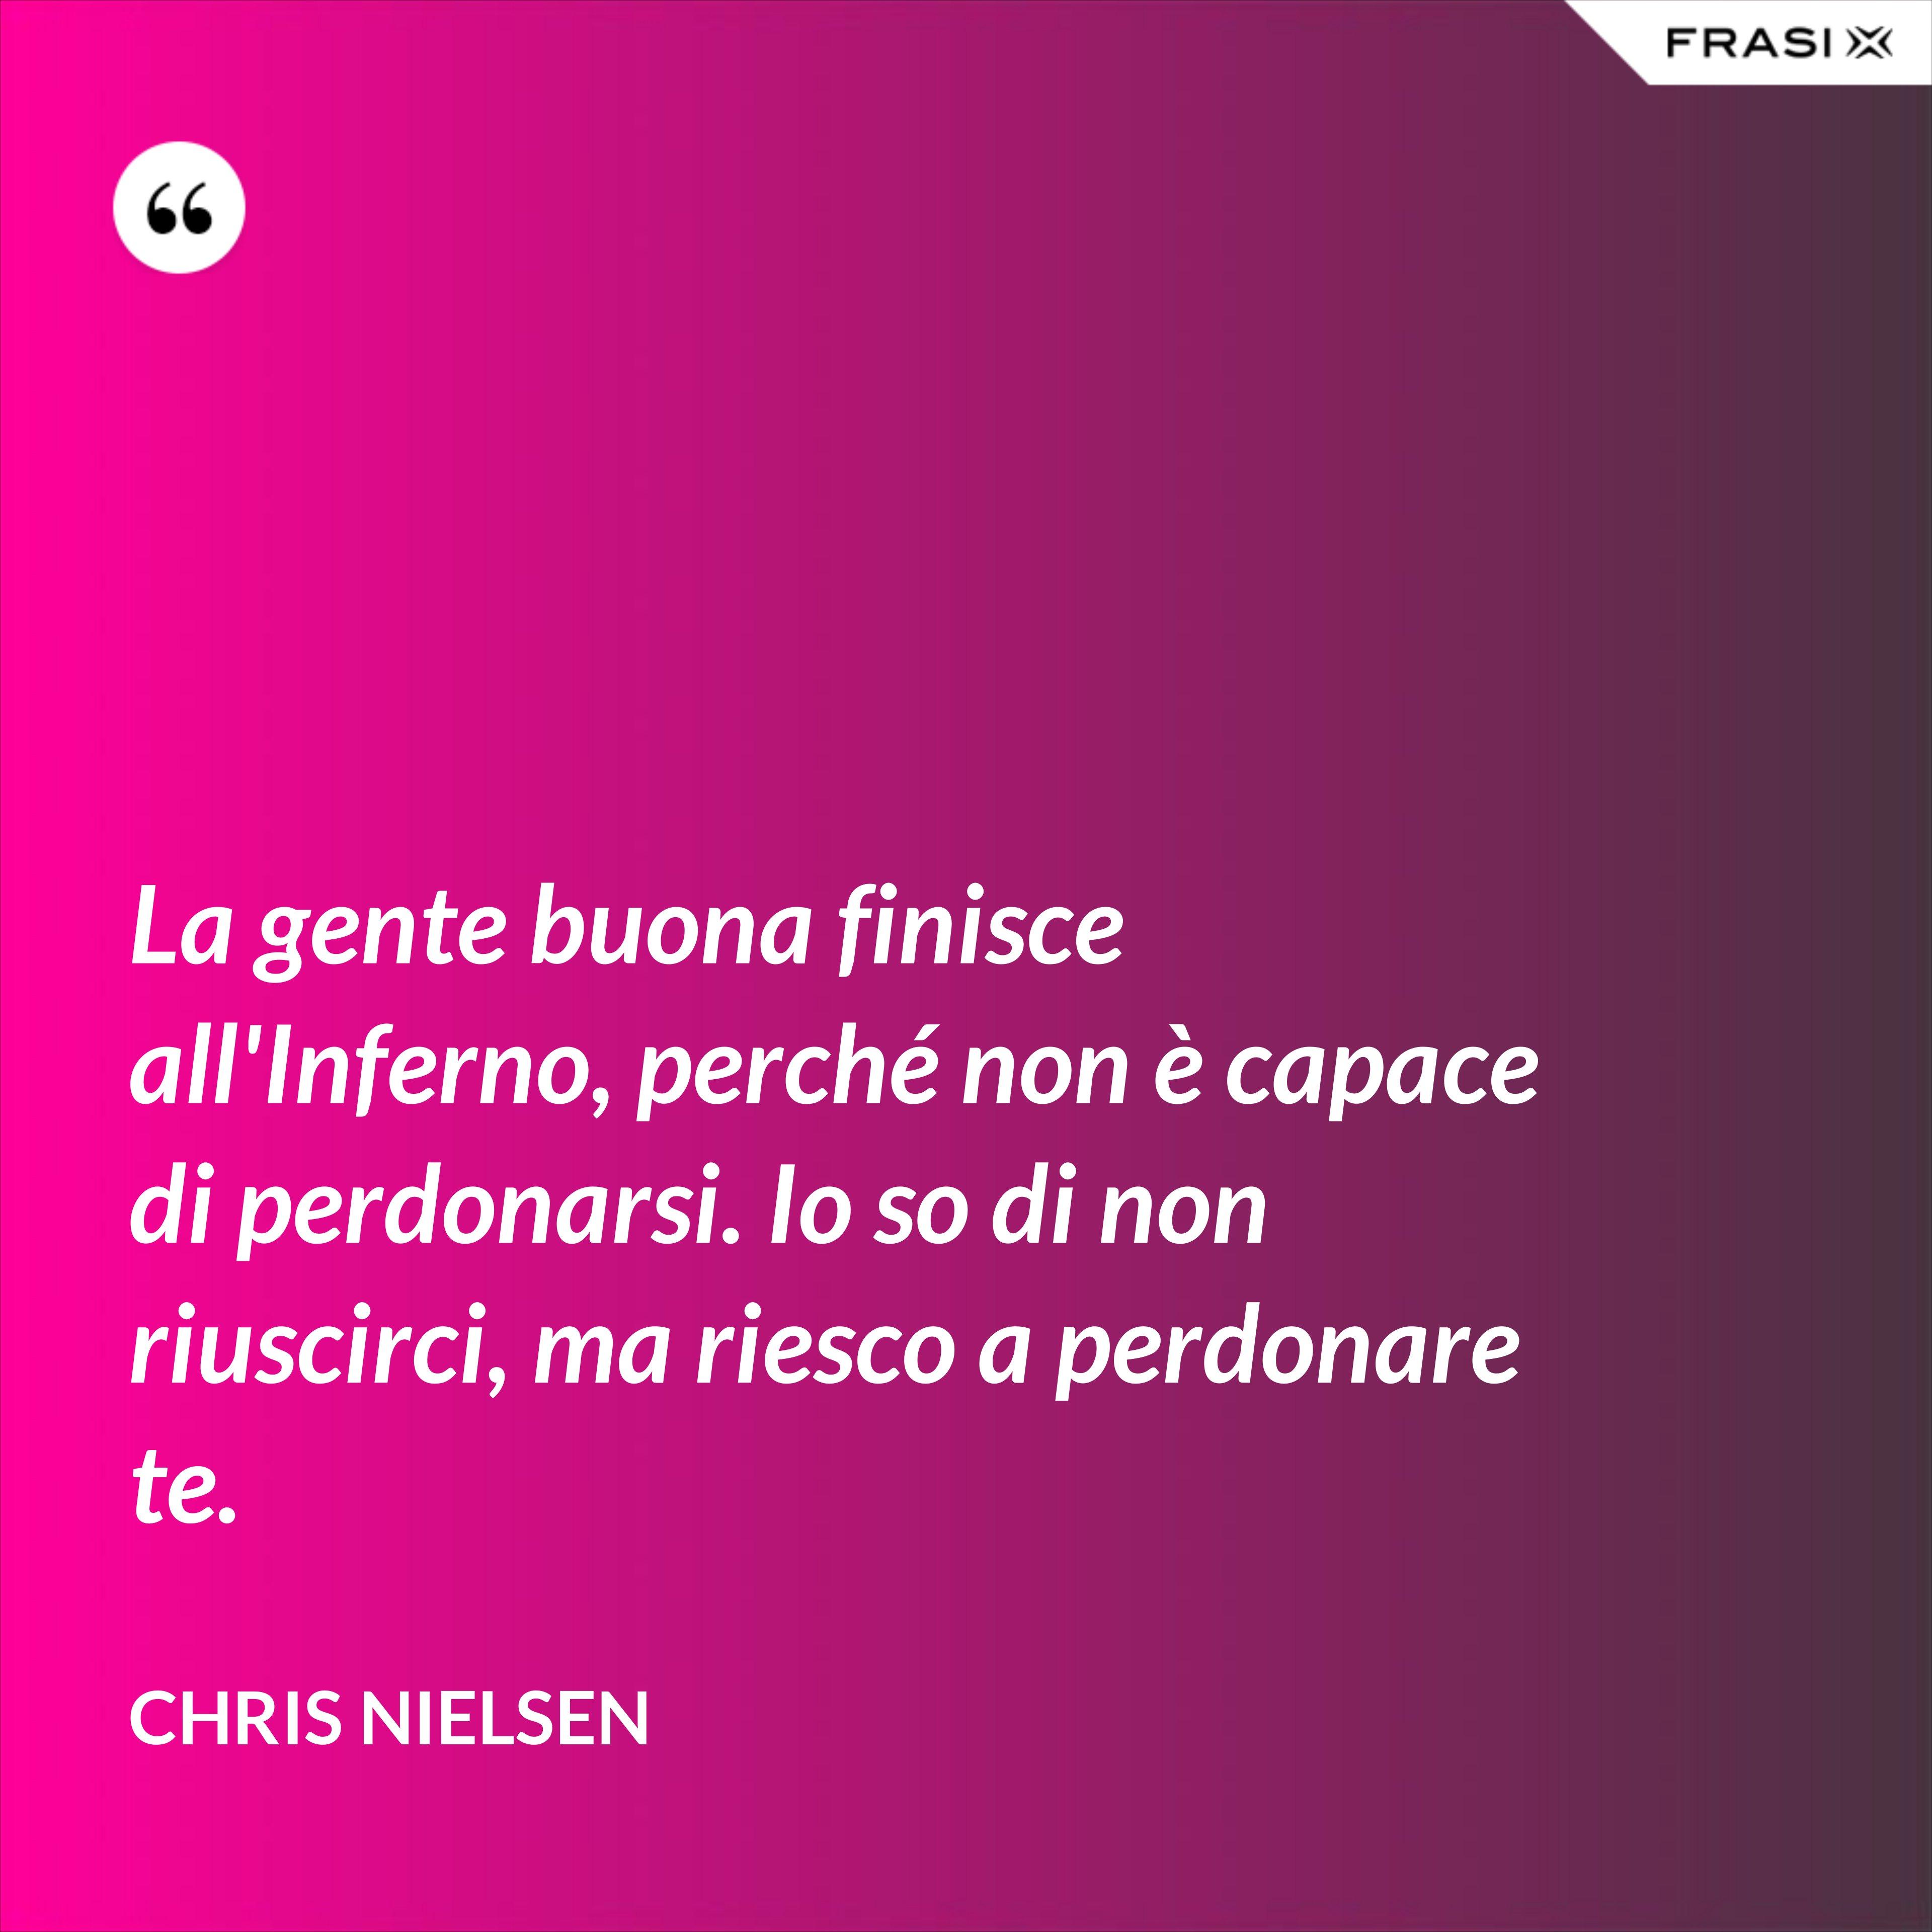 La gente buona finisce all'Inferno, perché non è capace di perdonarsi. Io so di non riuscirci, ma riesco a perdonare te. - Chris Nielsen